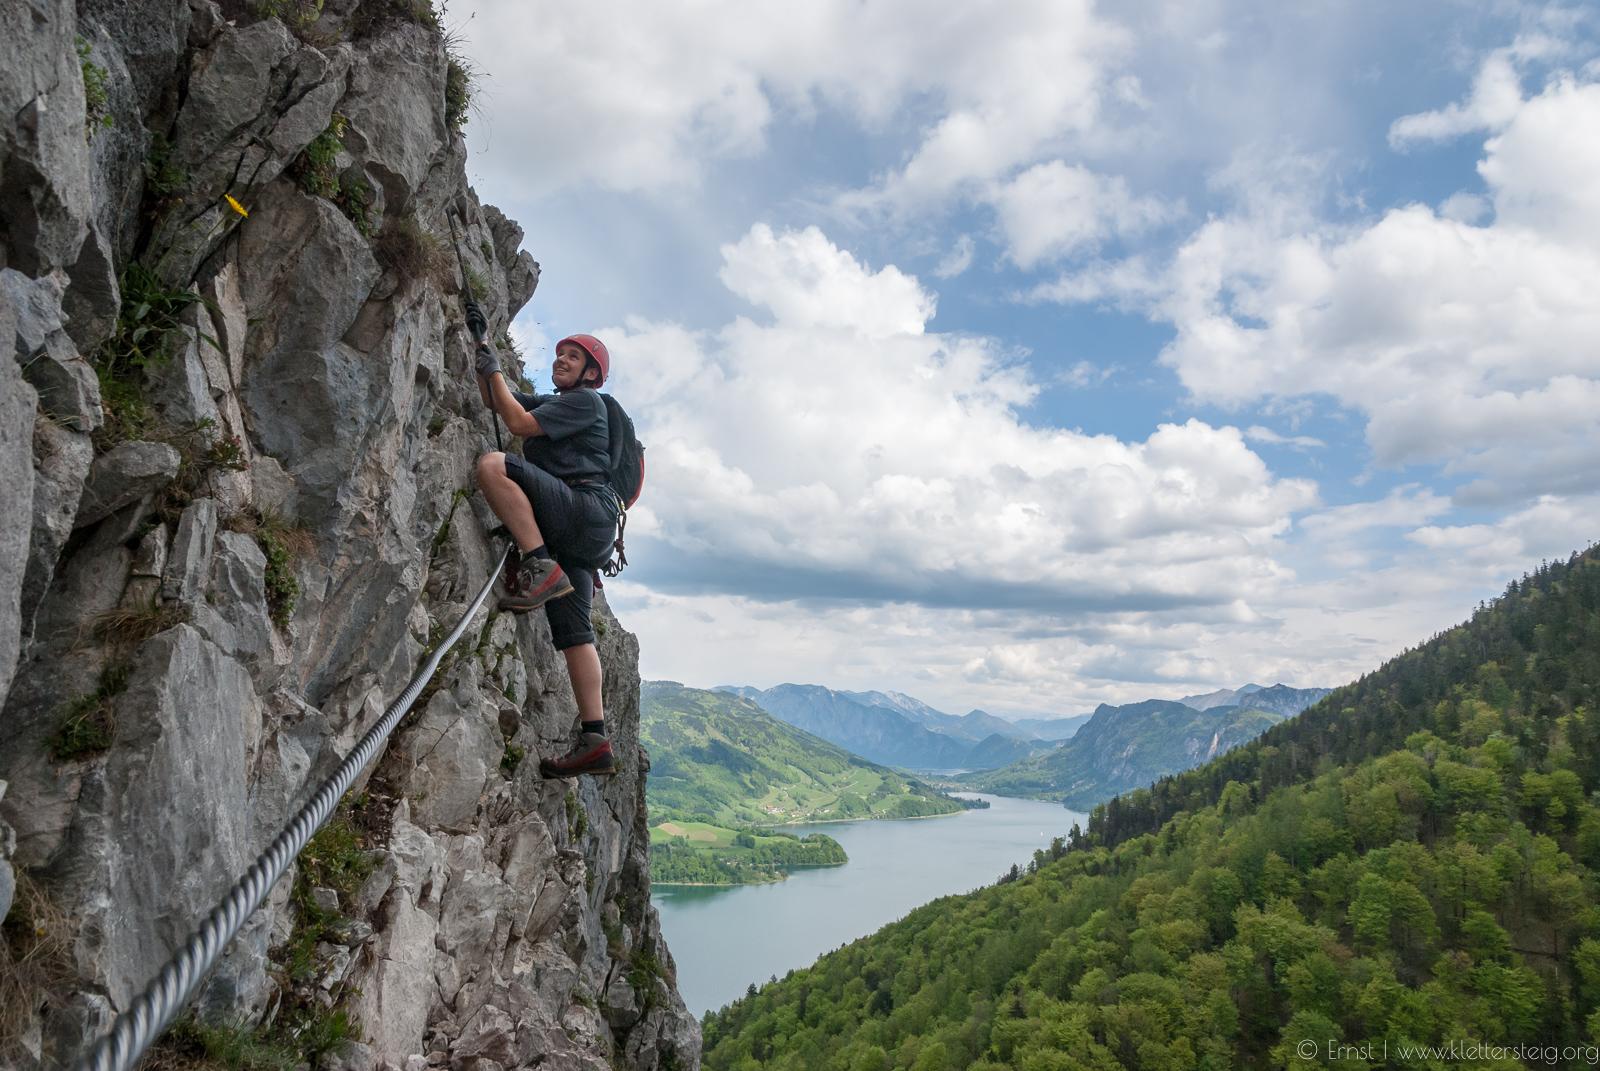 Klettersteig Drachenwand : Drachenwand klettersteig mondsee klettersteige